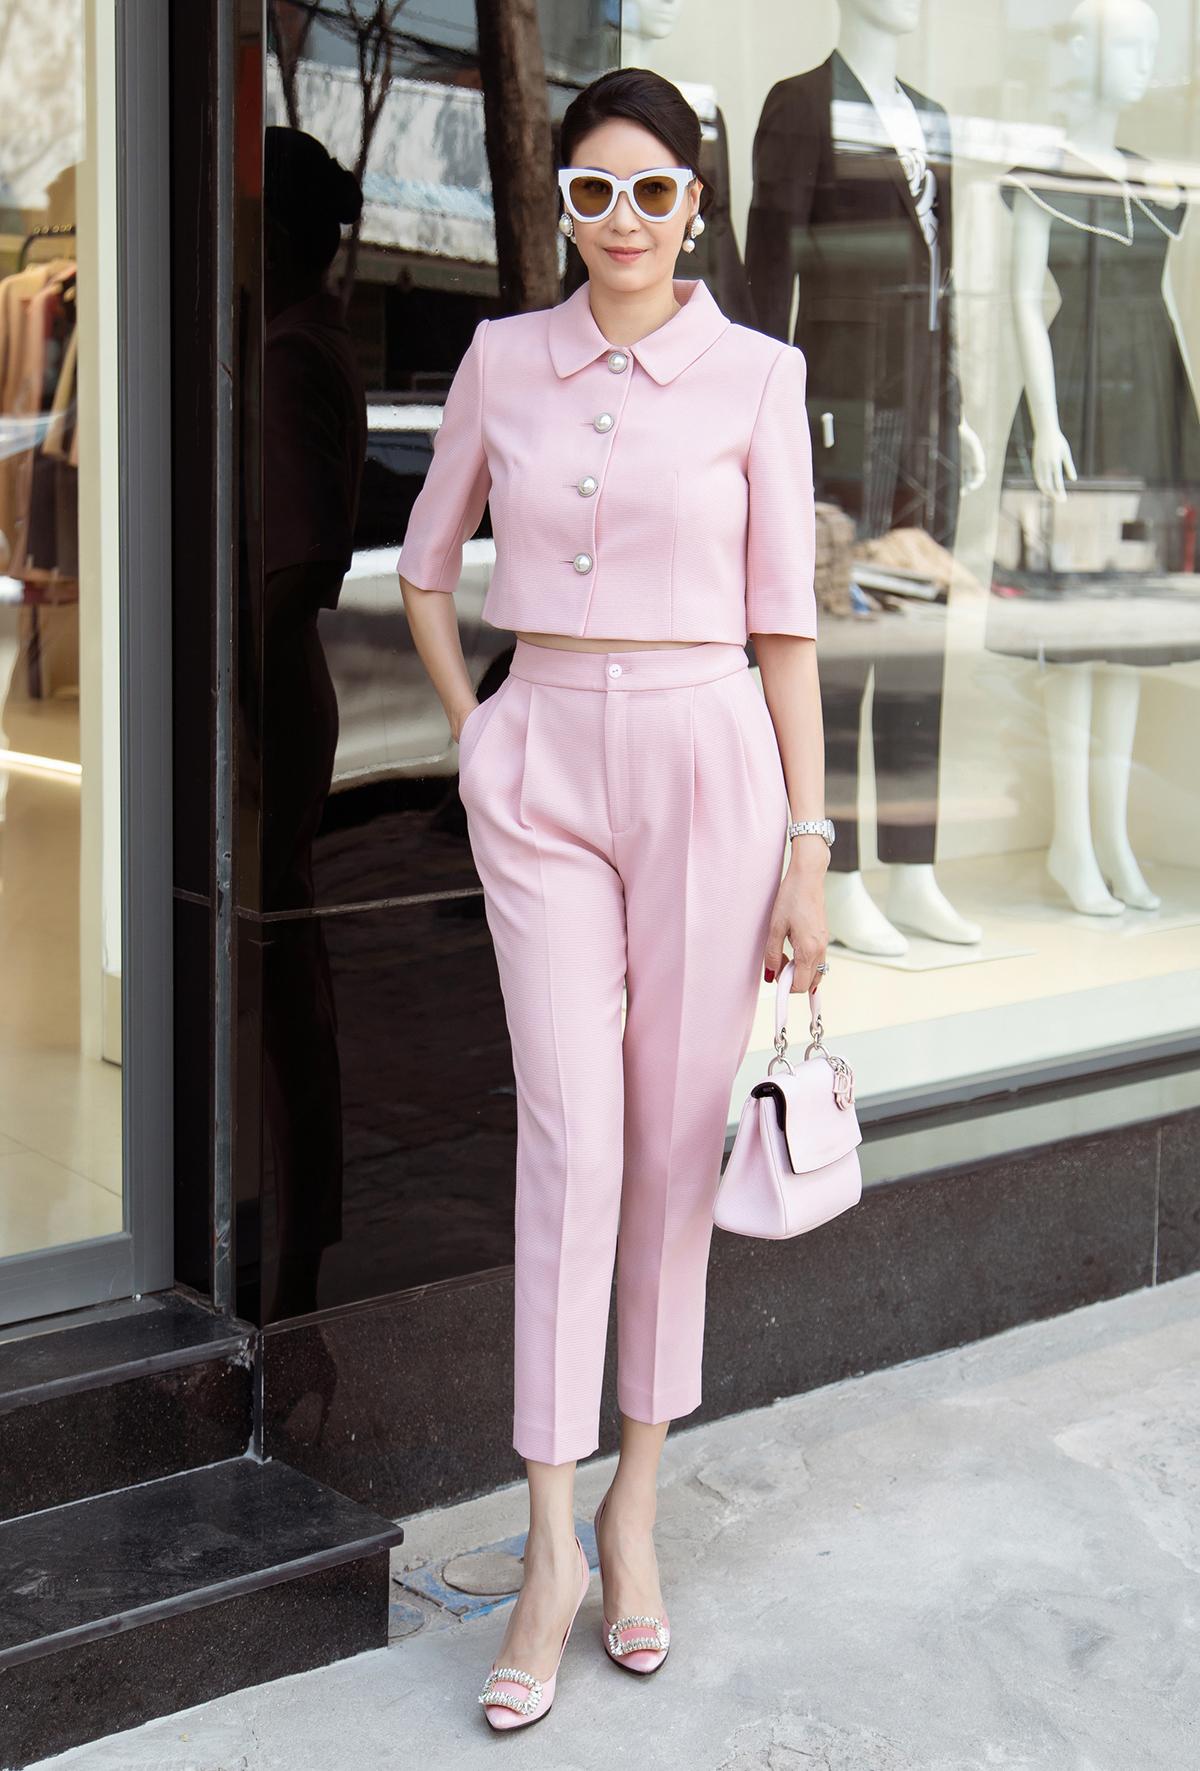 Cũng chọn sắc hồng, Hoa hậu Hà Kiều Anh lại mang đến vẻ ngoài nền nã, duyên dáng trong thiết kế kết hợp giữa quần xếp li và chiếc áo tay lửng mang hơi hướng cổ điển.